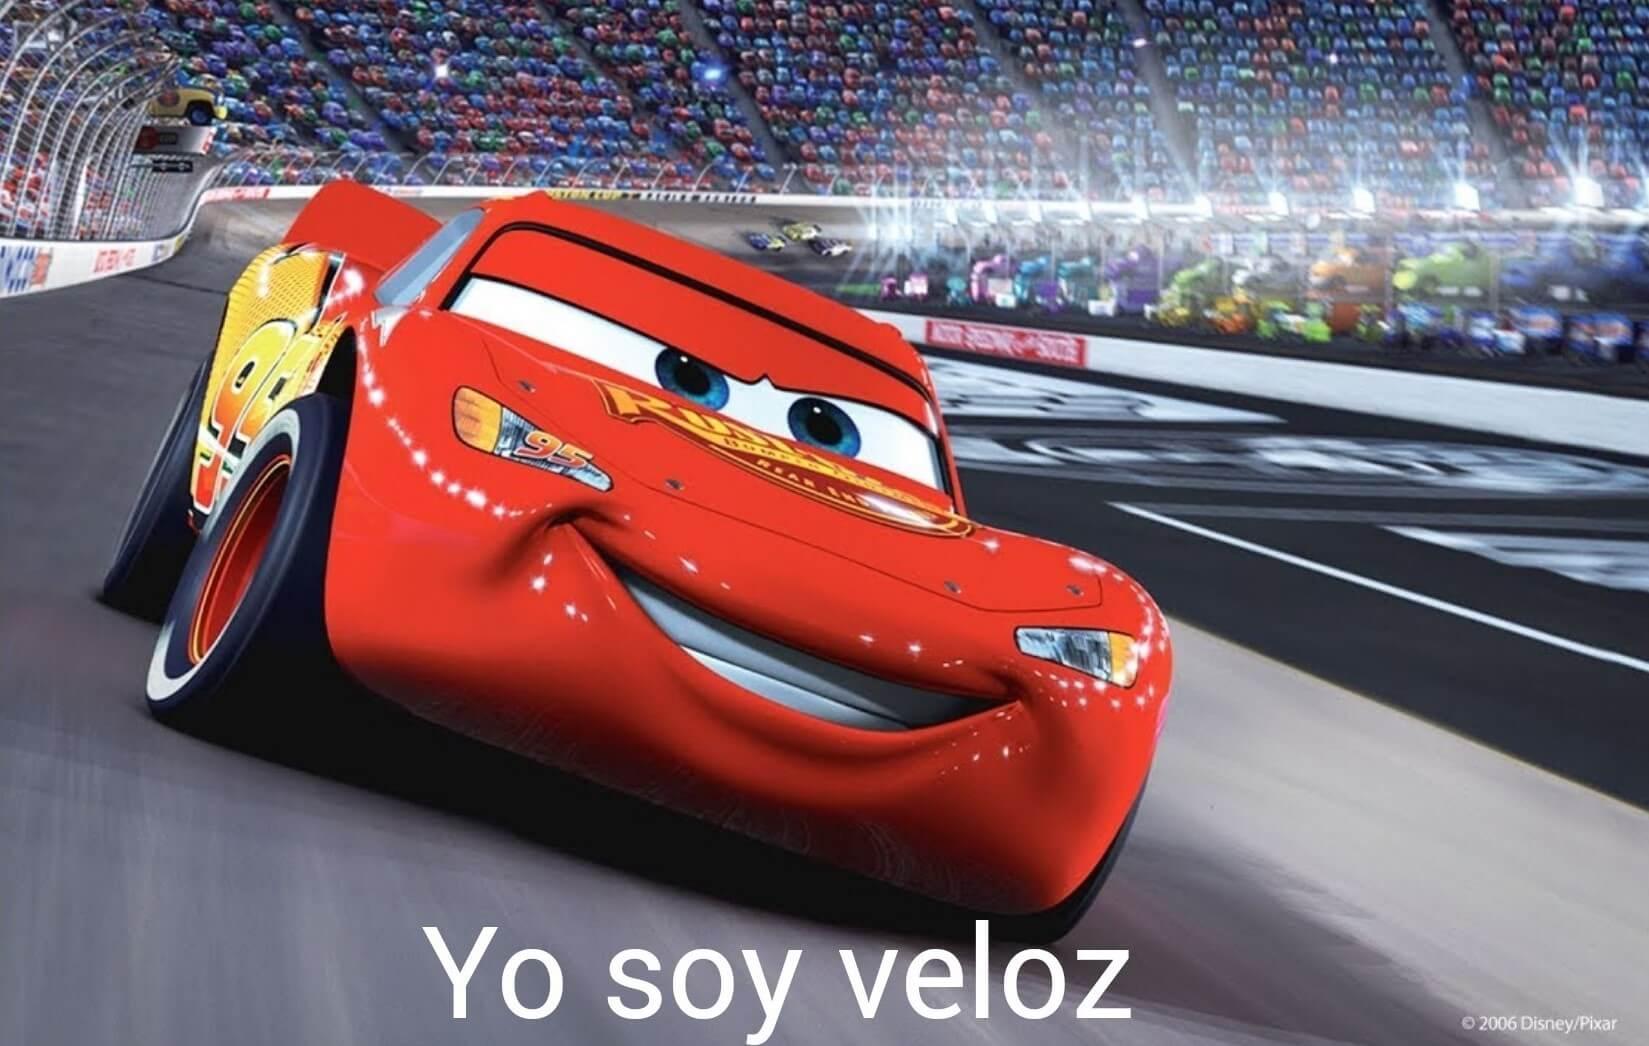 Ir a la pagina de la plantilla Velocidad, yo soy veloz.